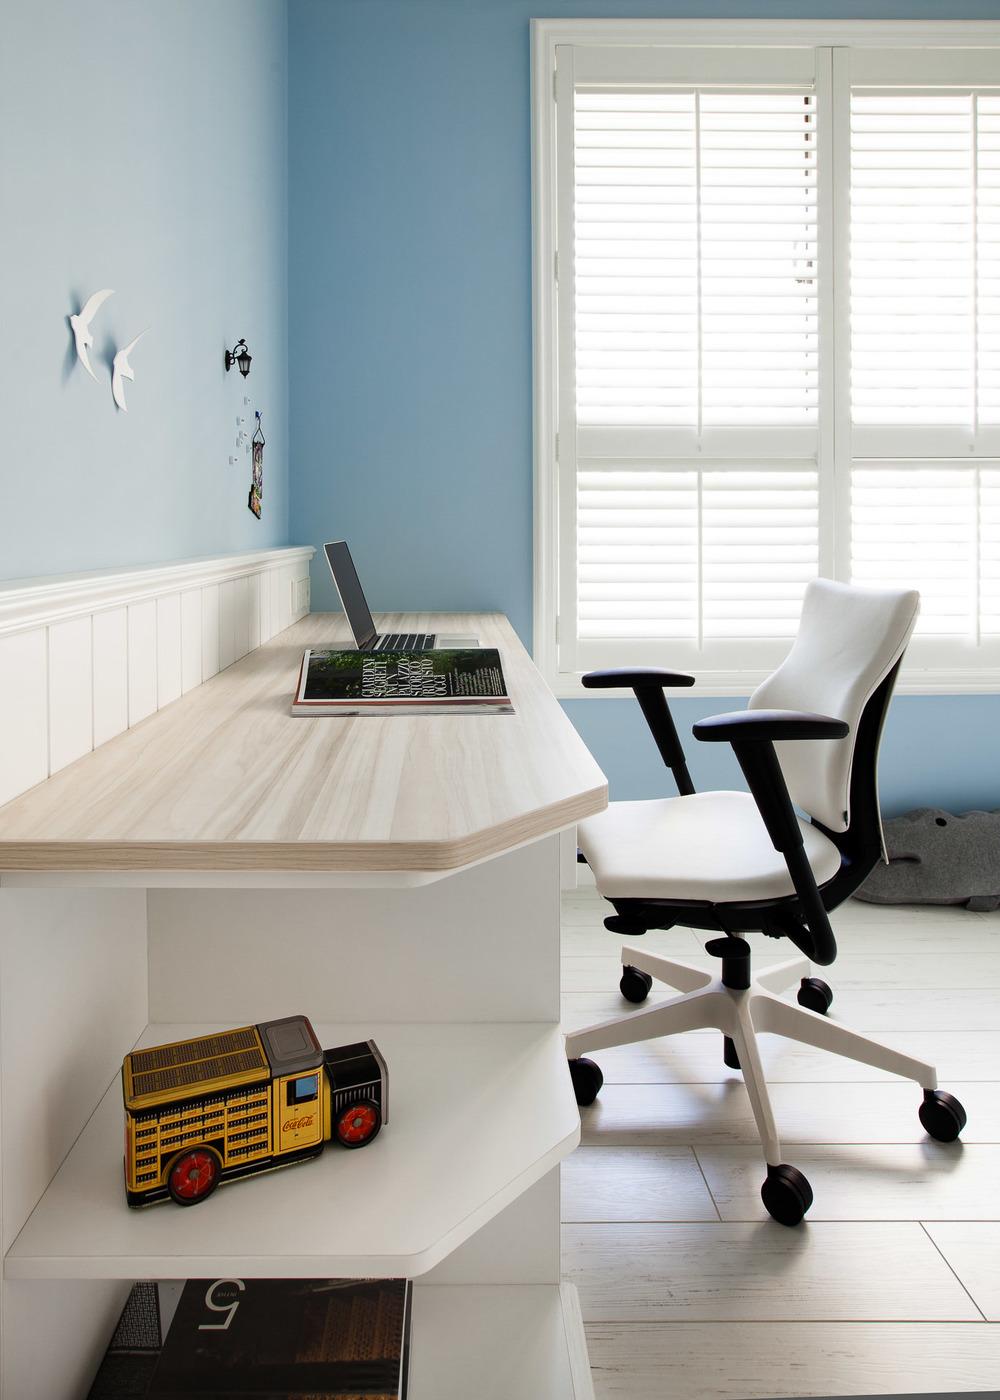 Interior-052.jpg